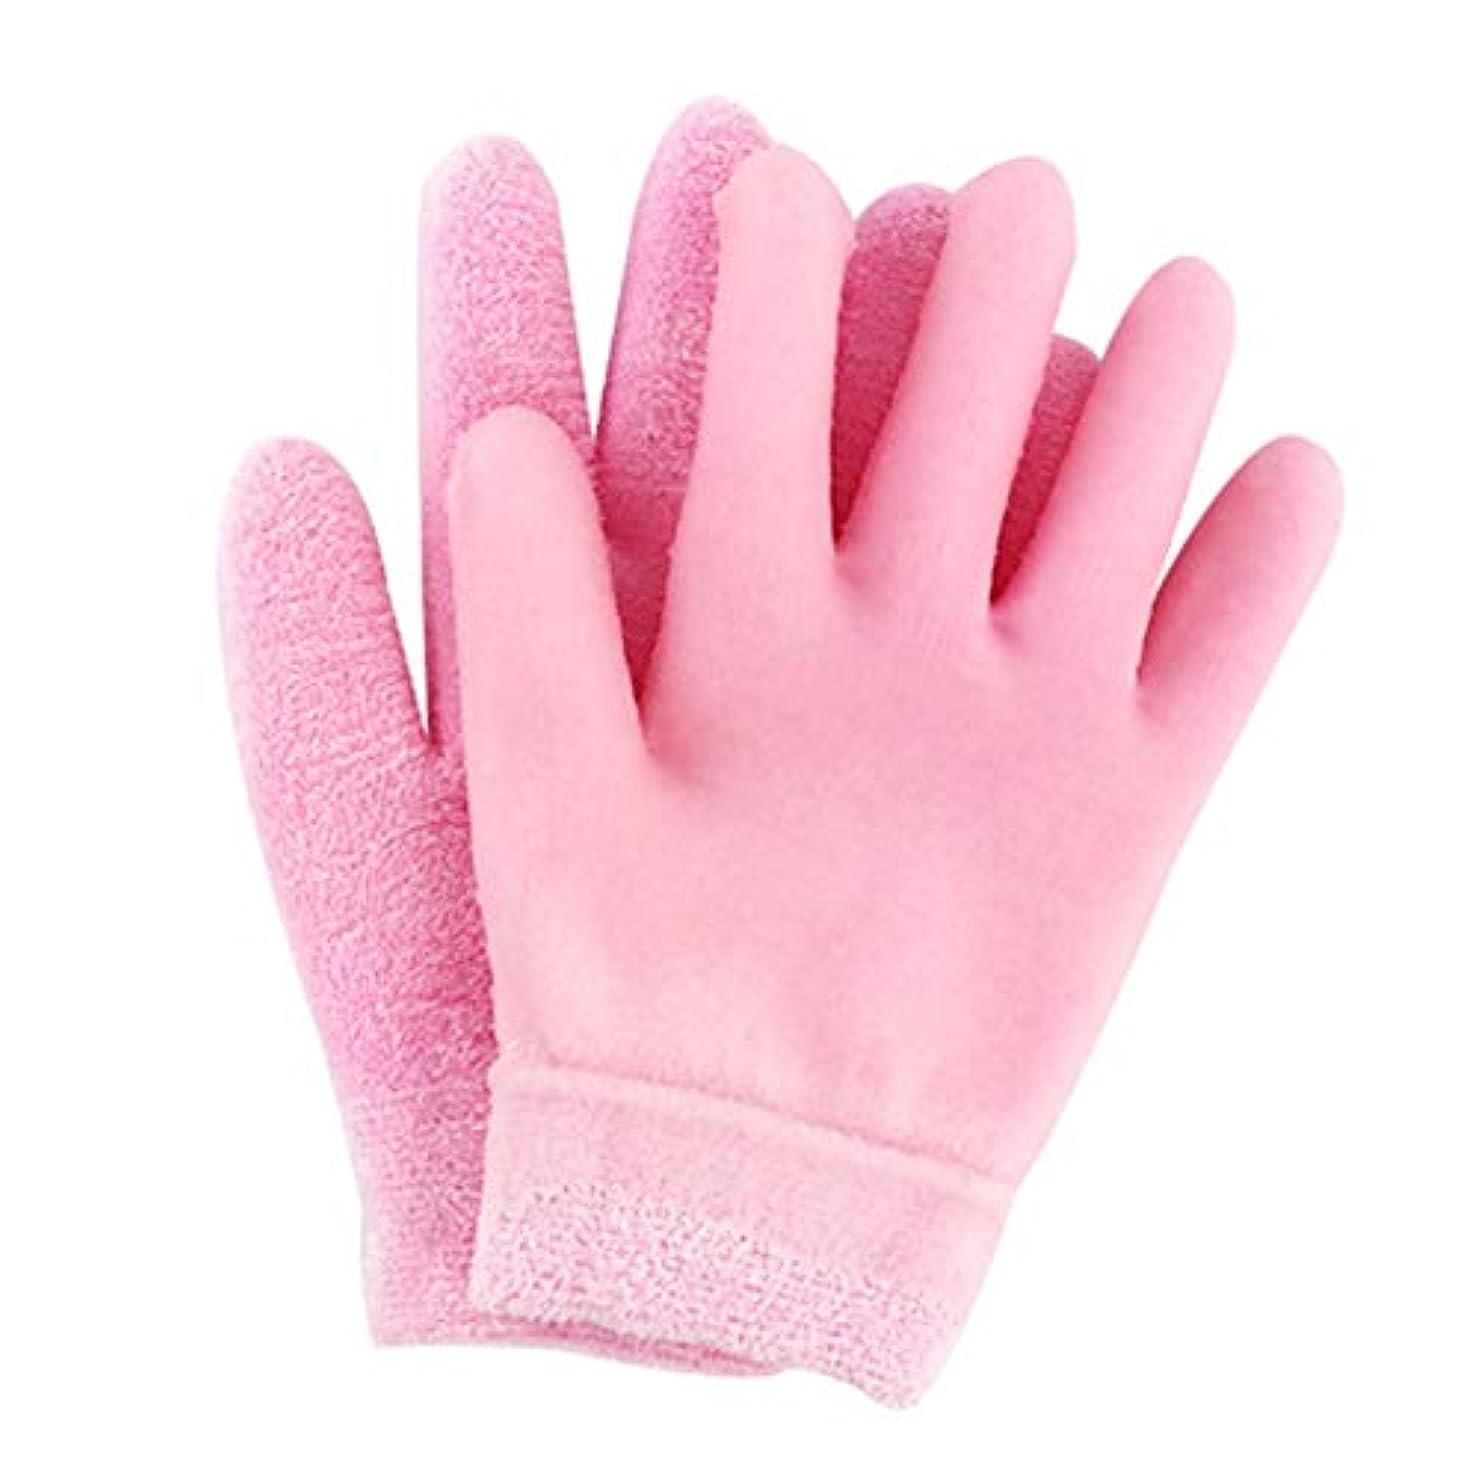 る正しく時計美容 保湿 手袋 ハイドロ ジェル グローブ 手荒れ対策 フリーサイズ